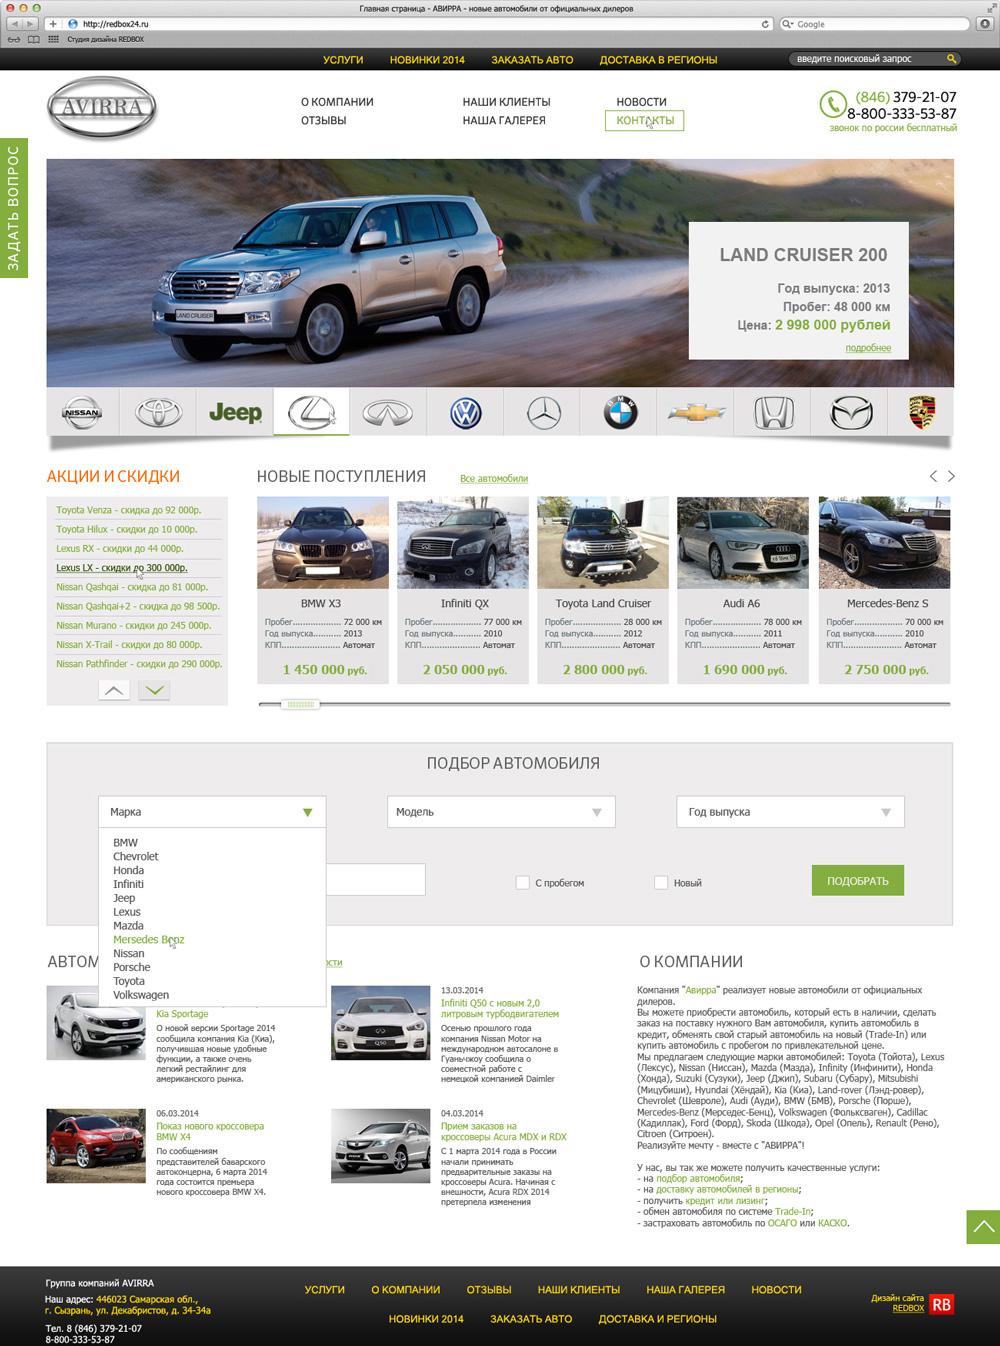 Главная страница сайта портала с объявлениями авто